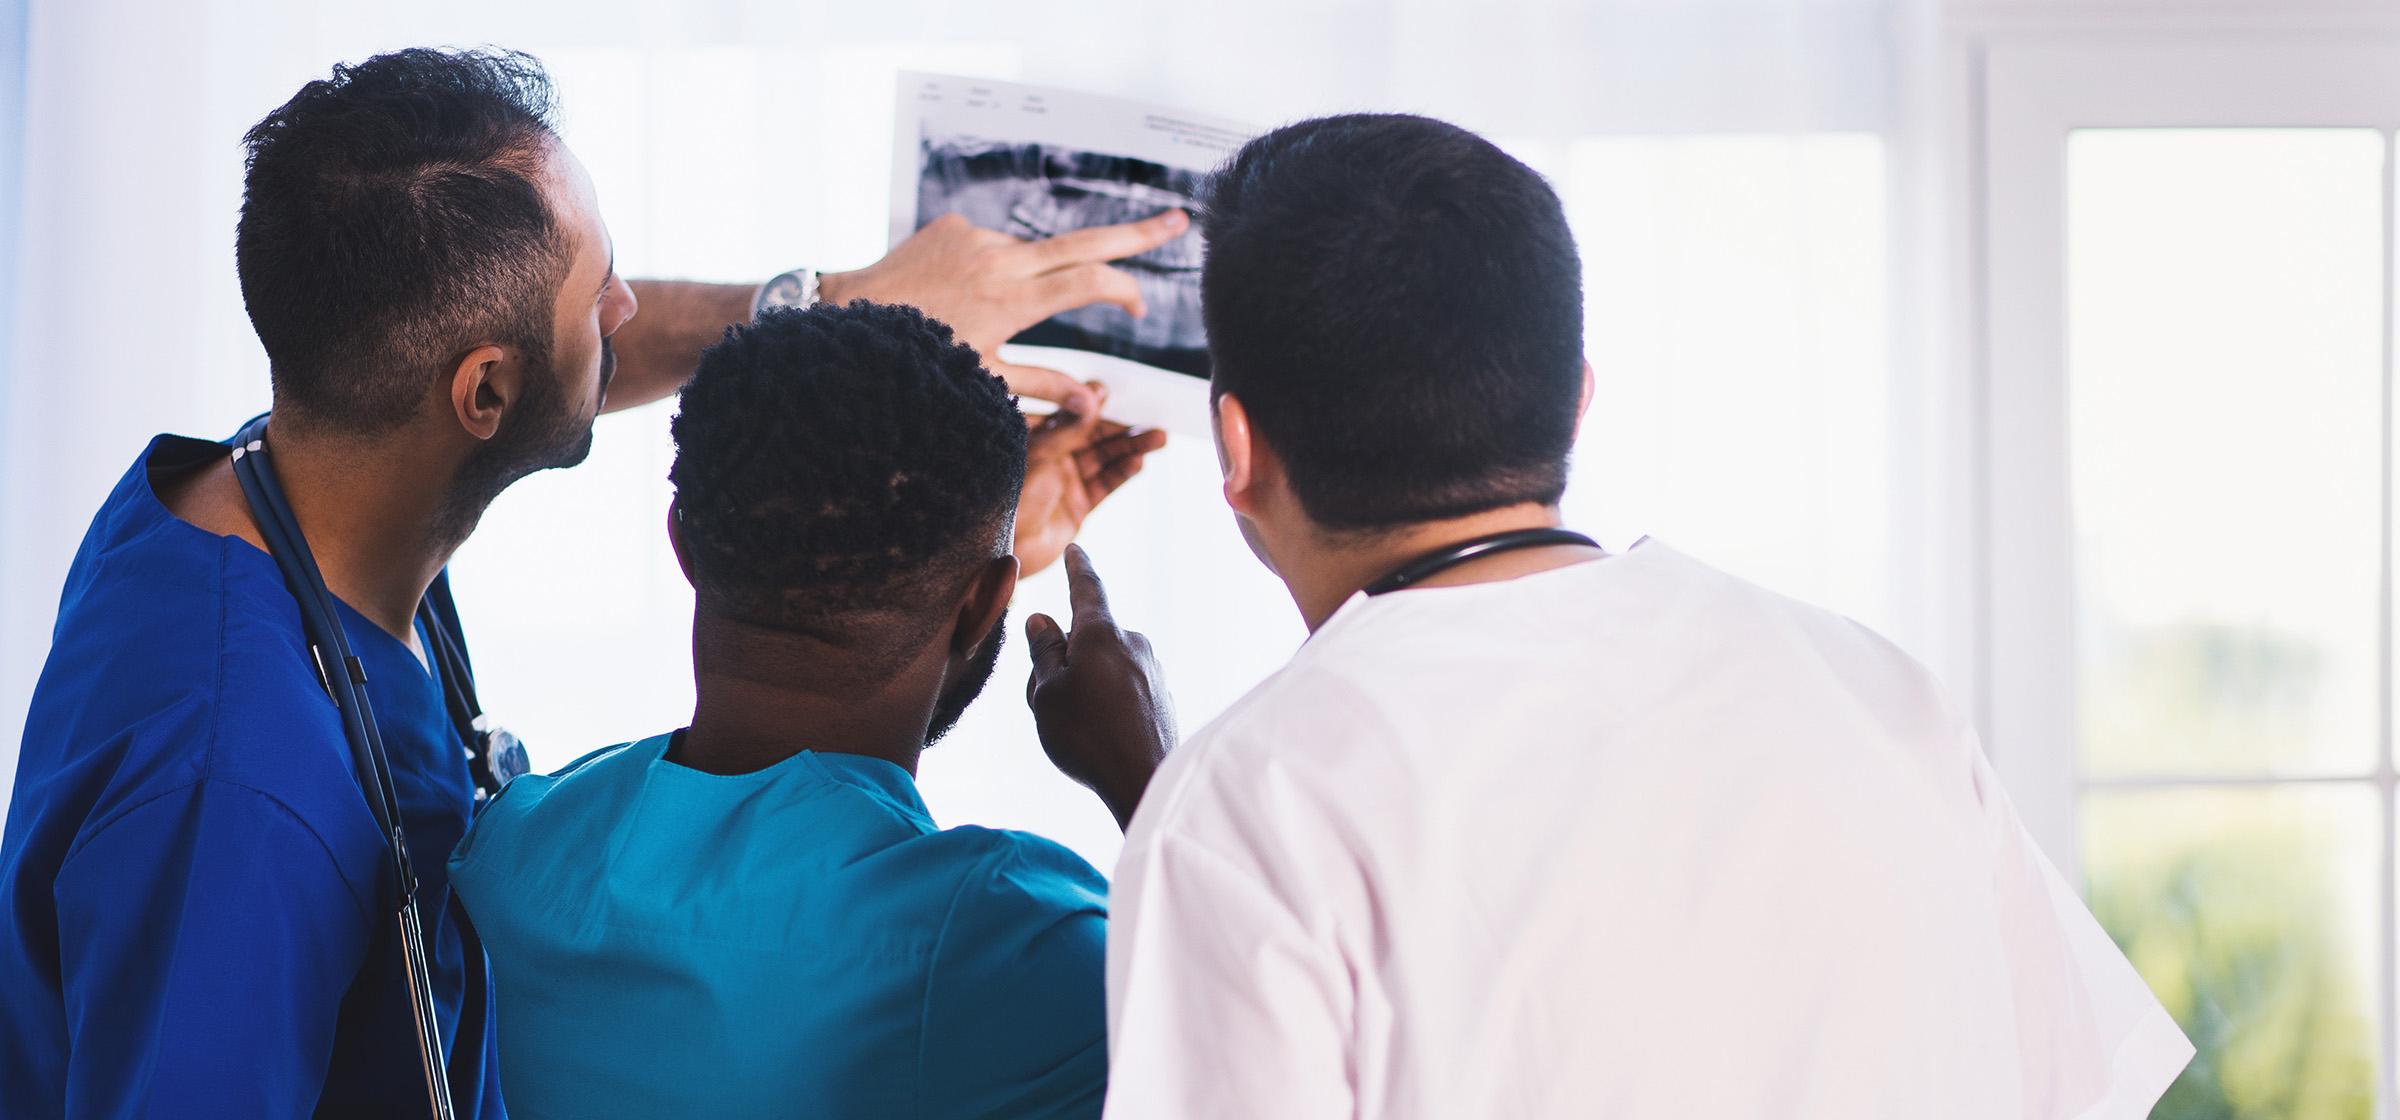 Medizin studieren ohne perfektes Abi: So steigerst du deine Chancen